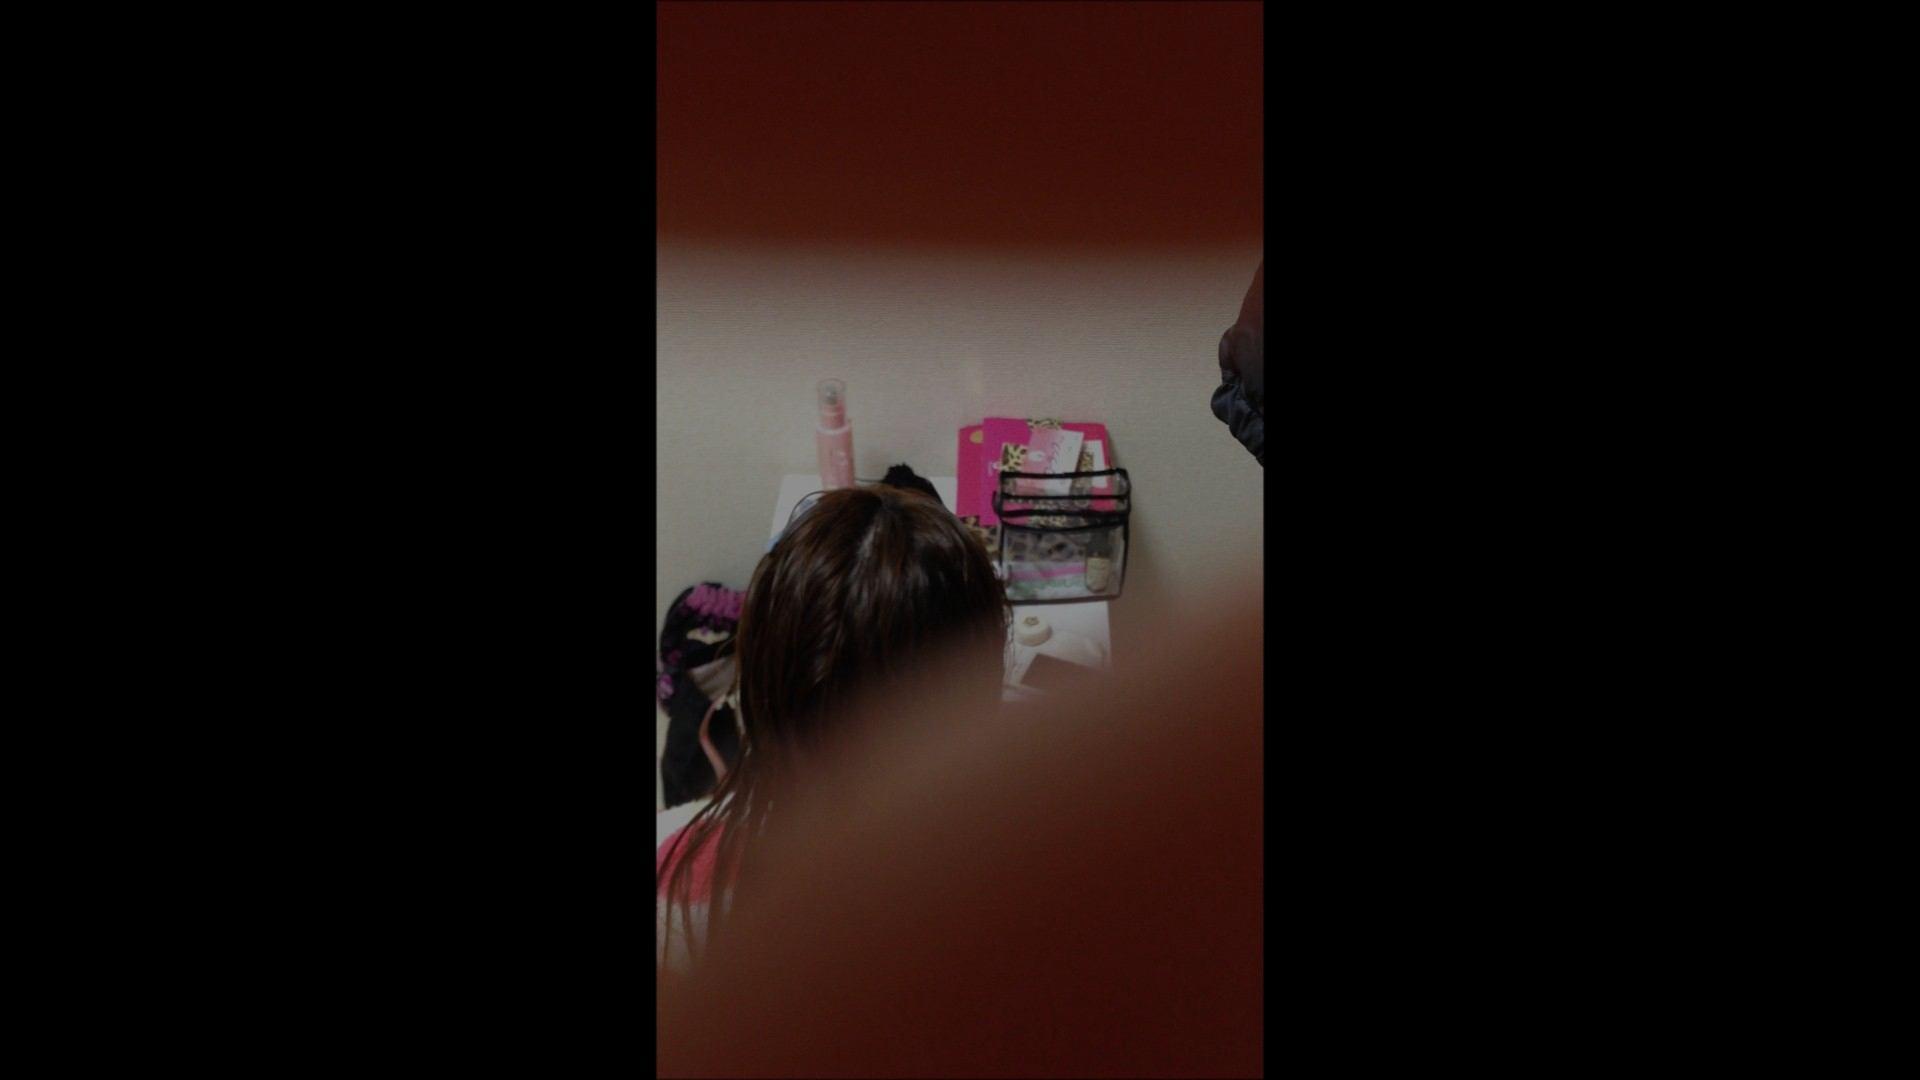 ハメ撮り|07(7日目)風呂上りの彼女|大奥